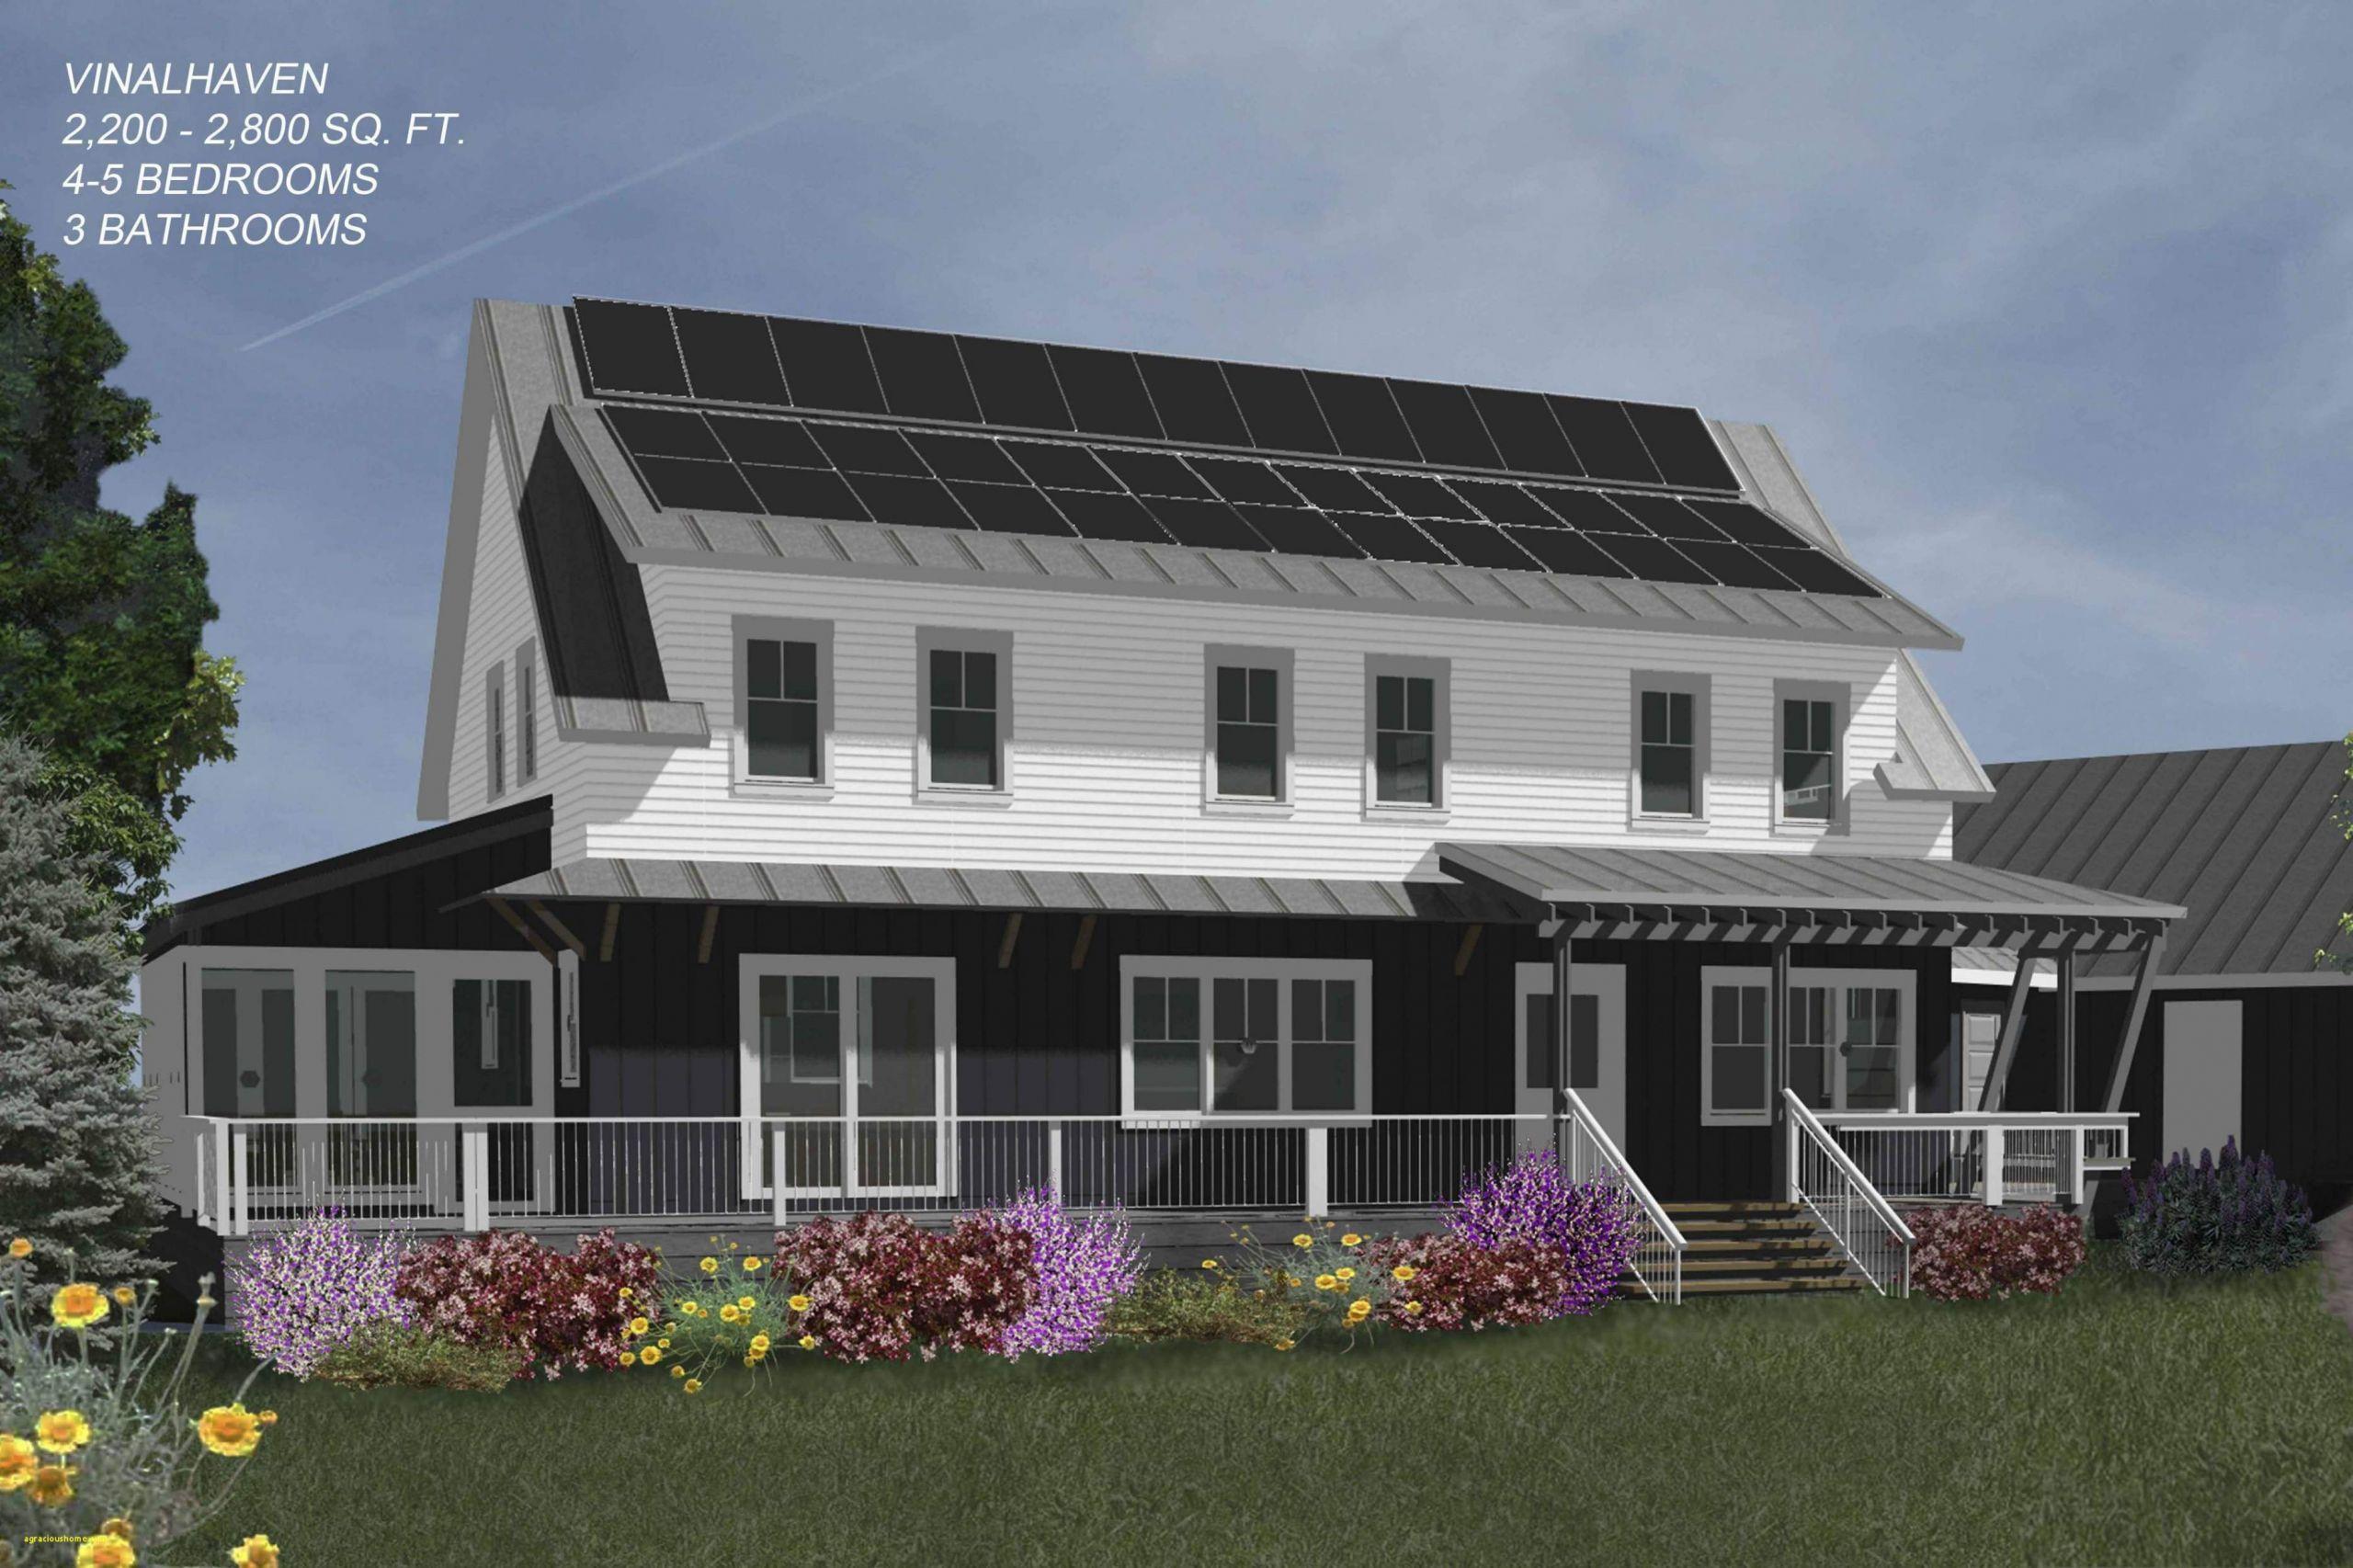 Garten Anlegen Neubau Elegant 35 Inspirierend Wohnen Und Garten Landhaus Einzigartig